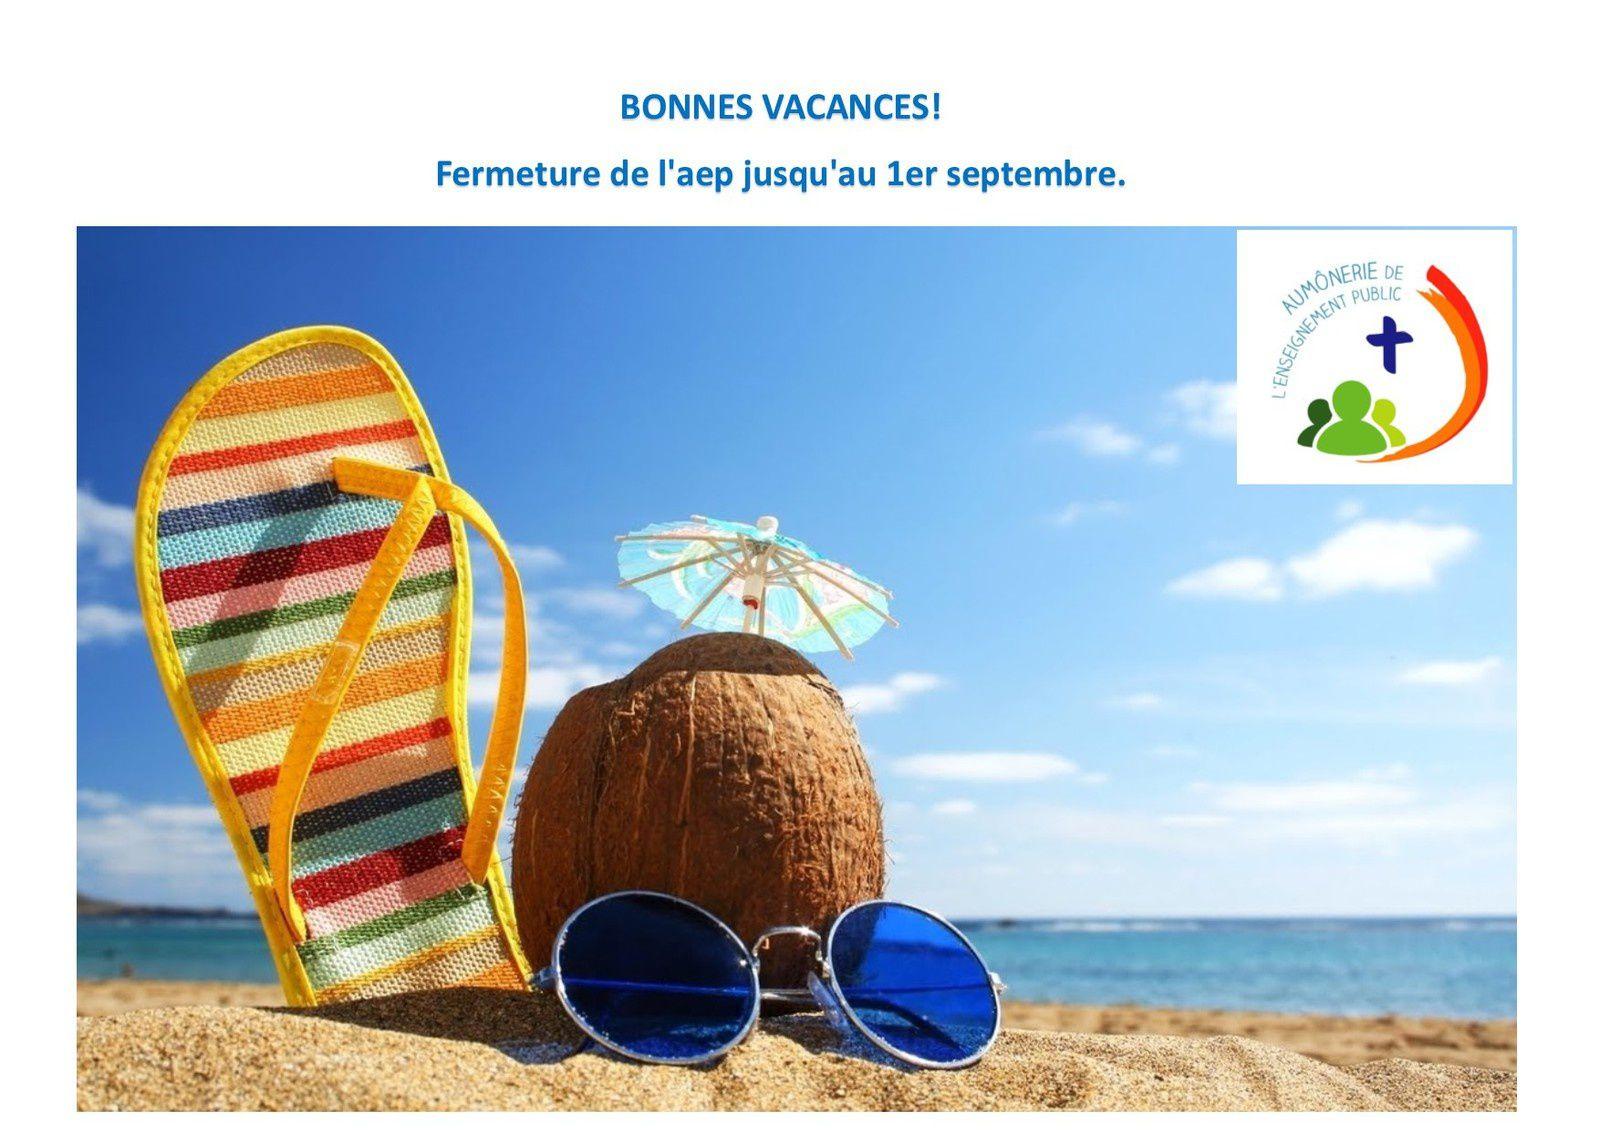 Fermeture pour l'été jusqu'au 1er septembre.